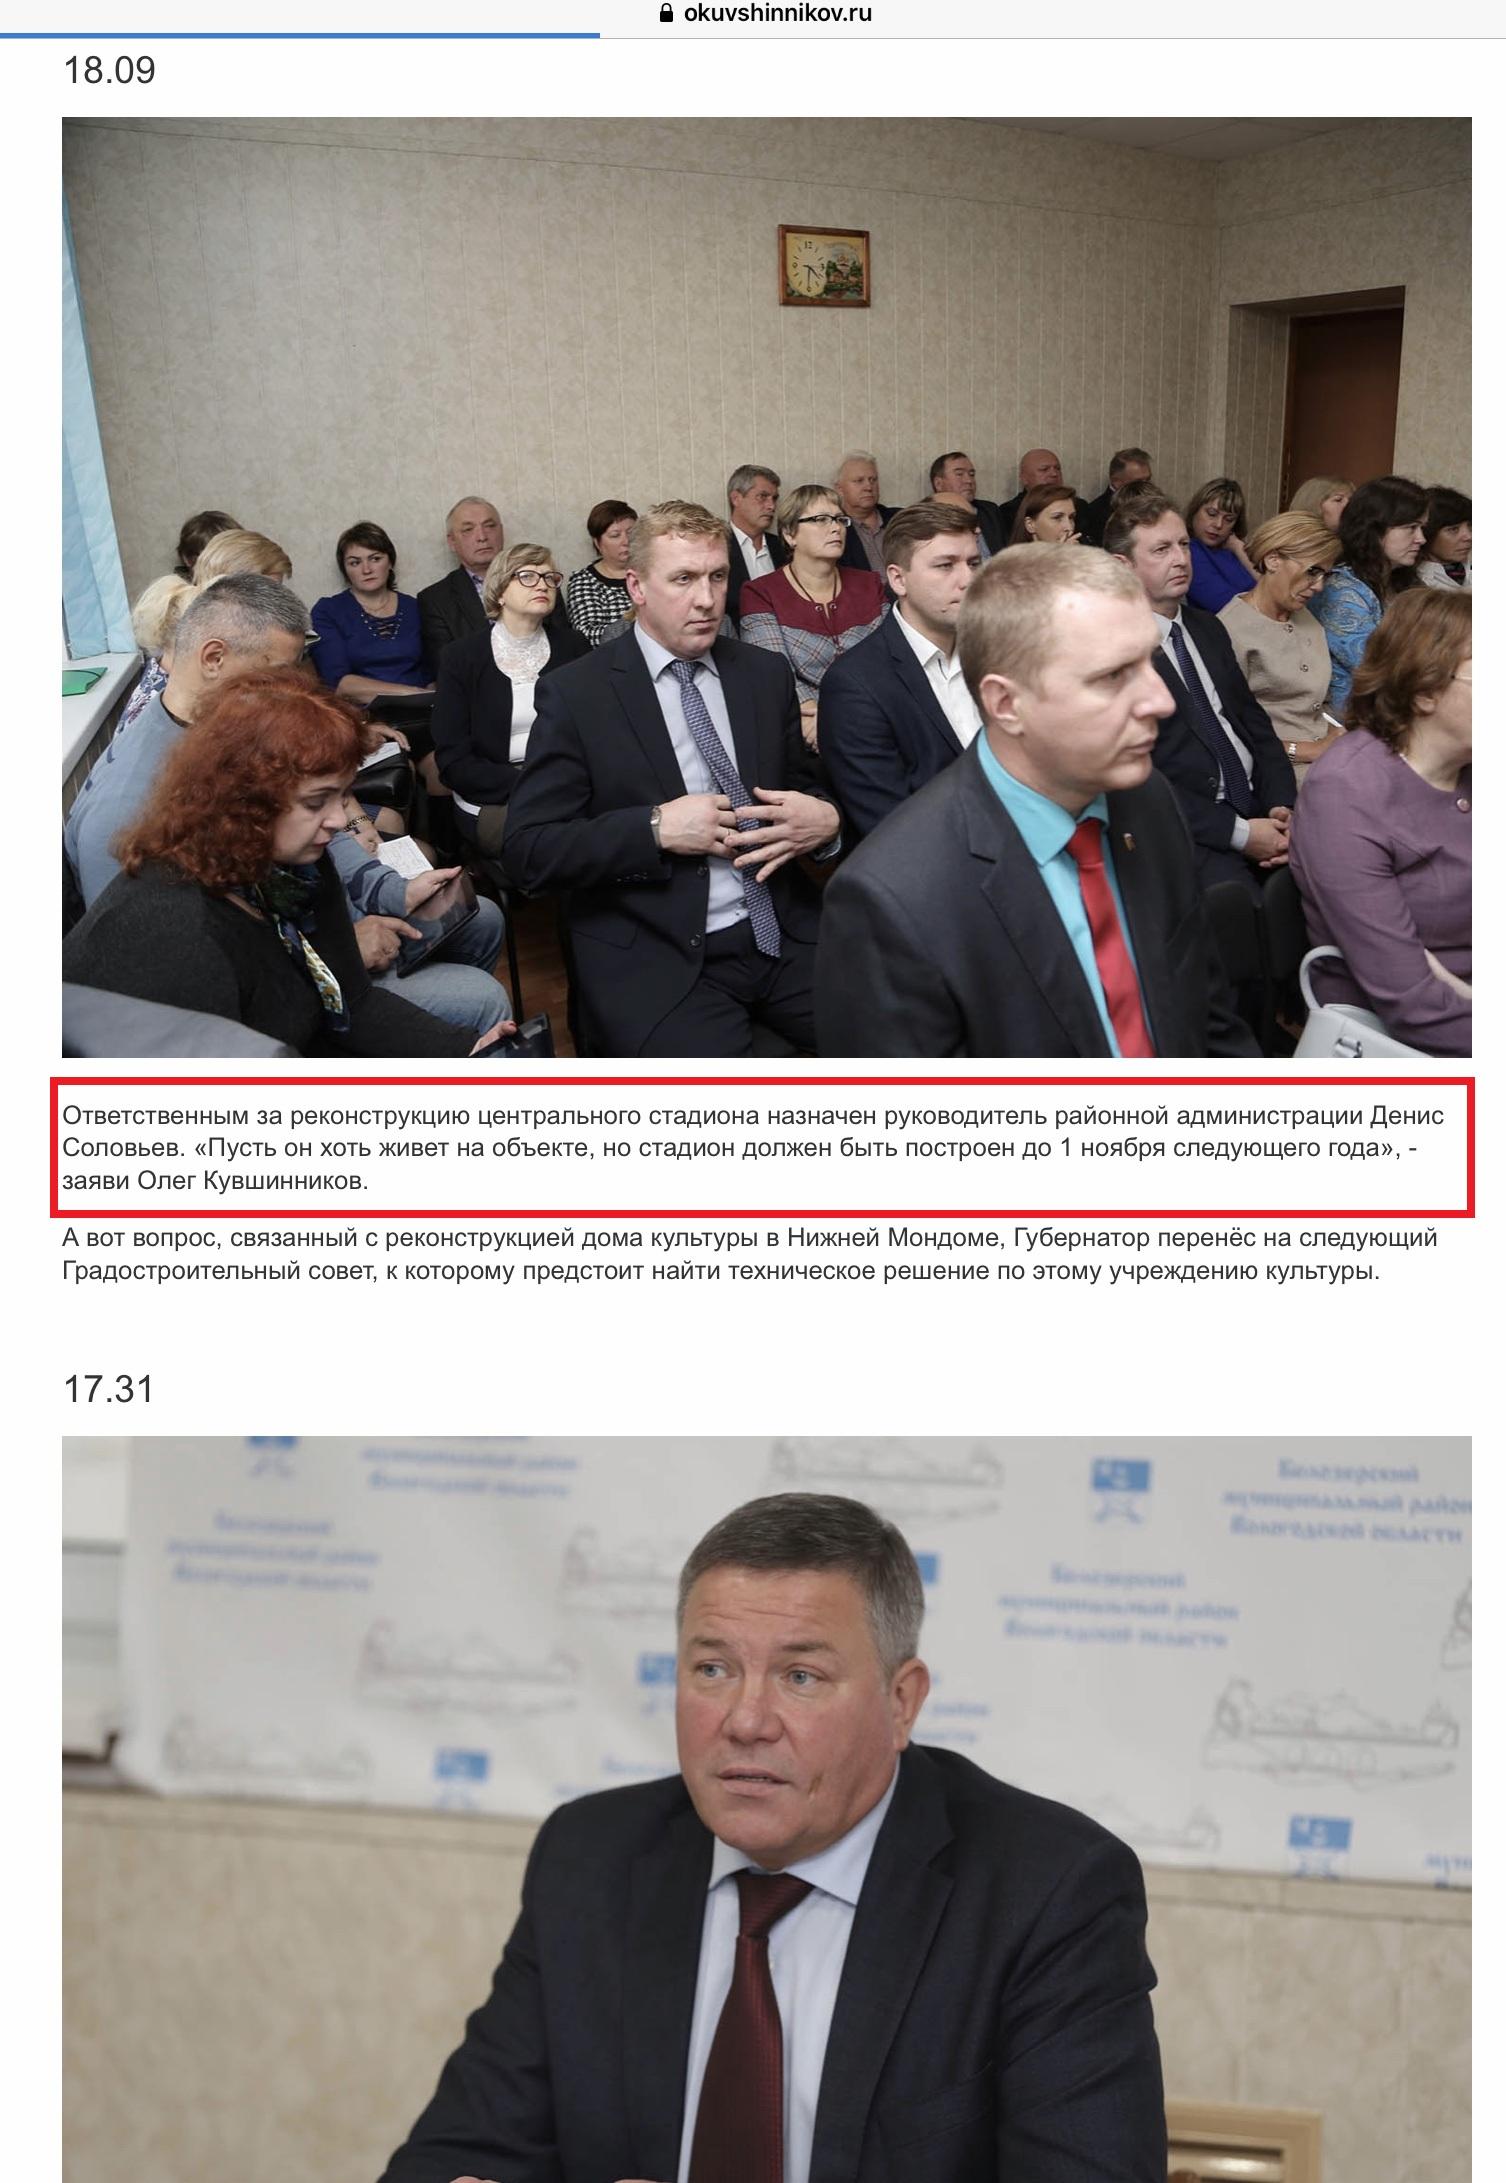 Олег Кувшинников и контроль над объектами (1).jpg